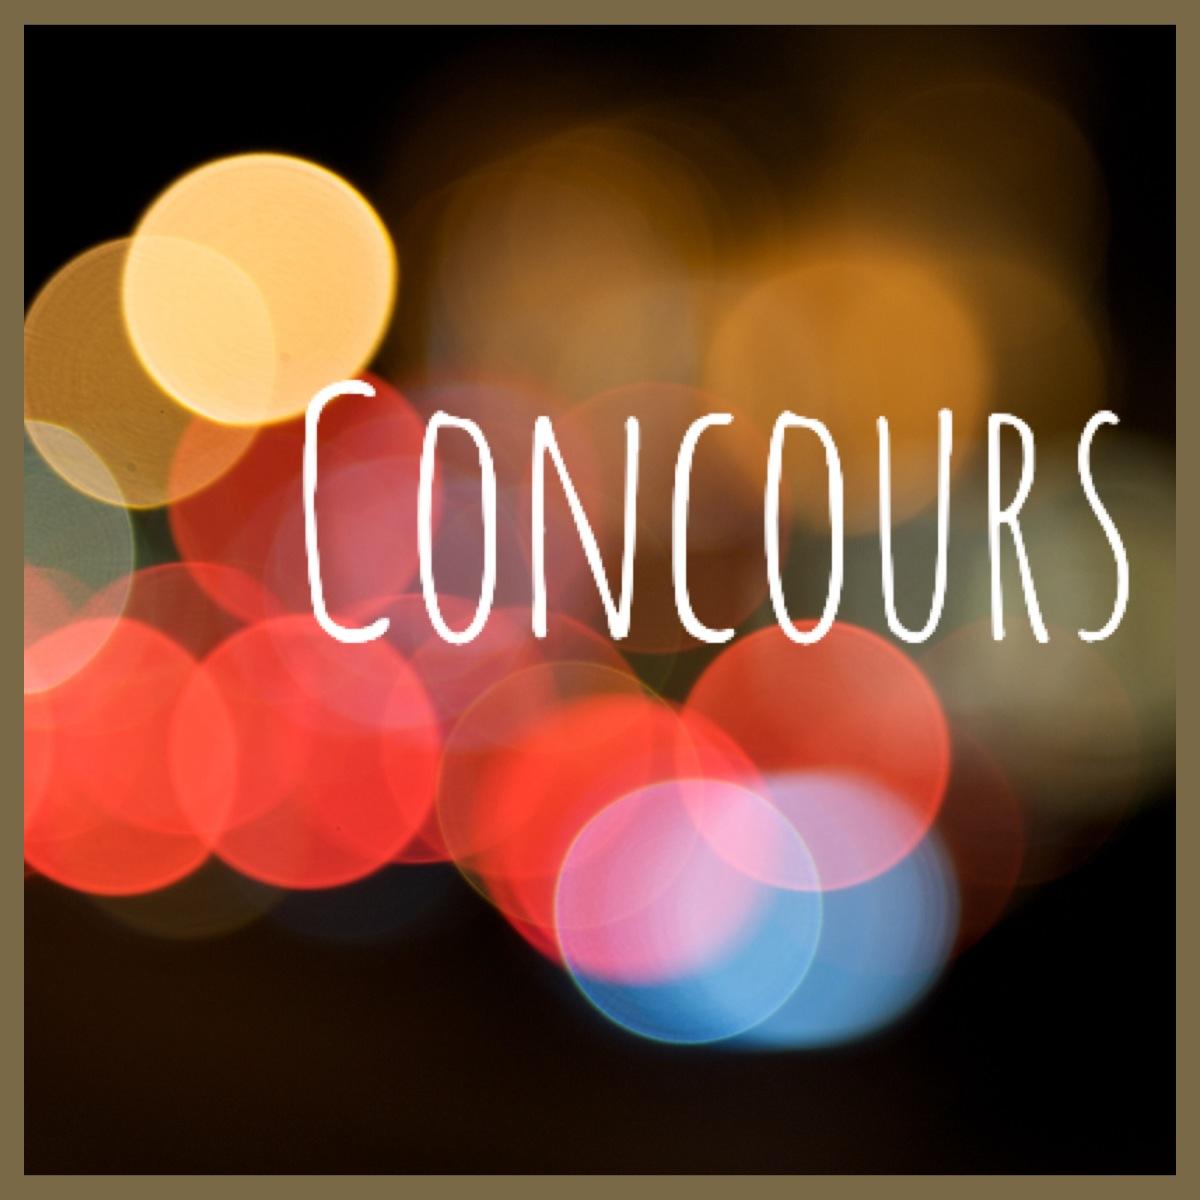 Concours - Jeannine à Paris